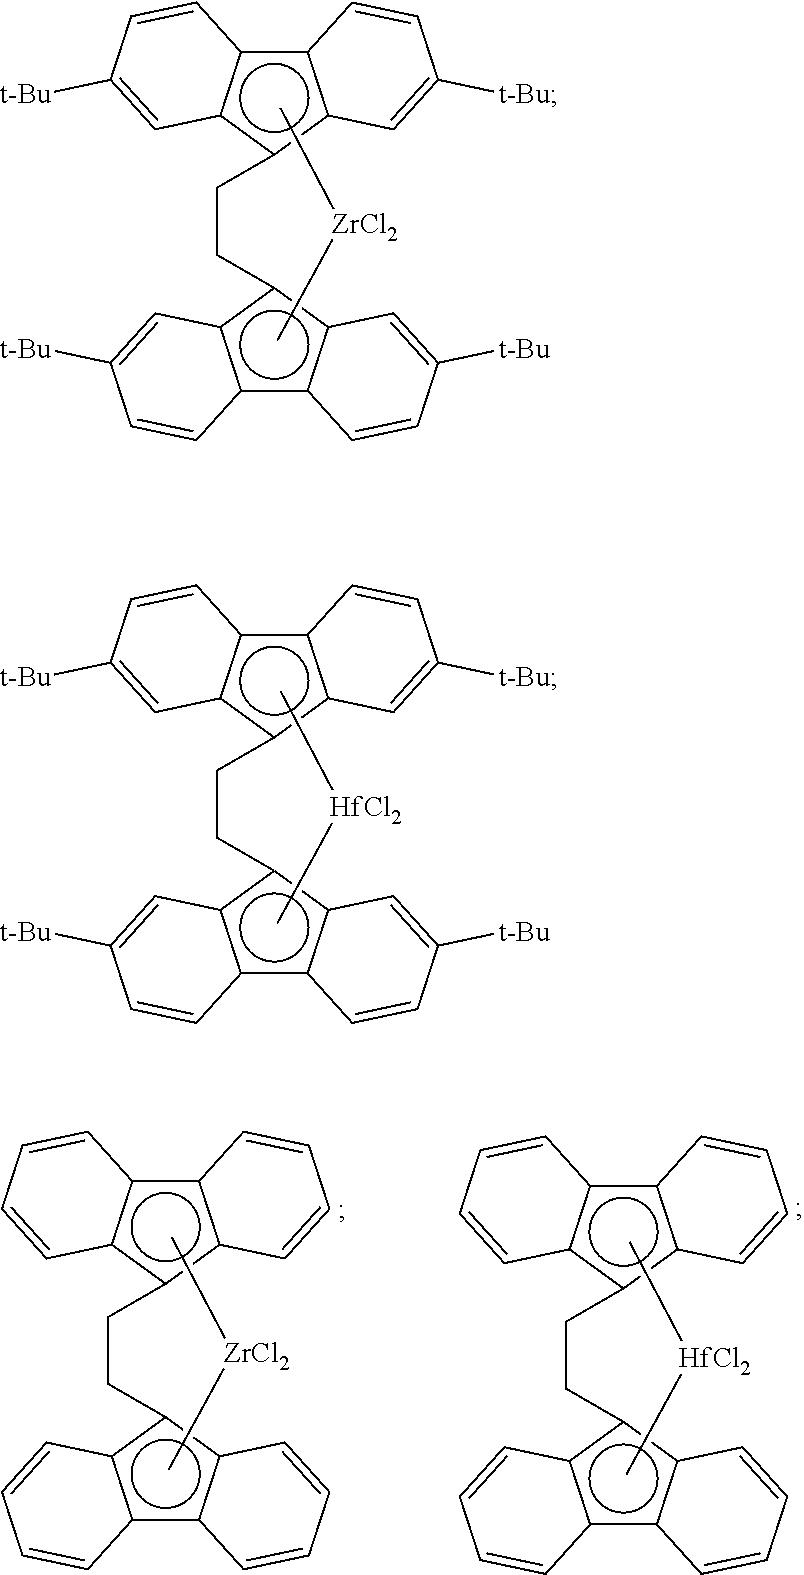 Figure US08501654-20130806-C00026